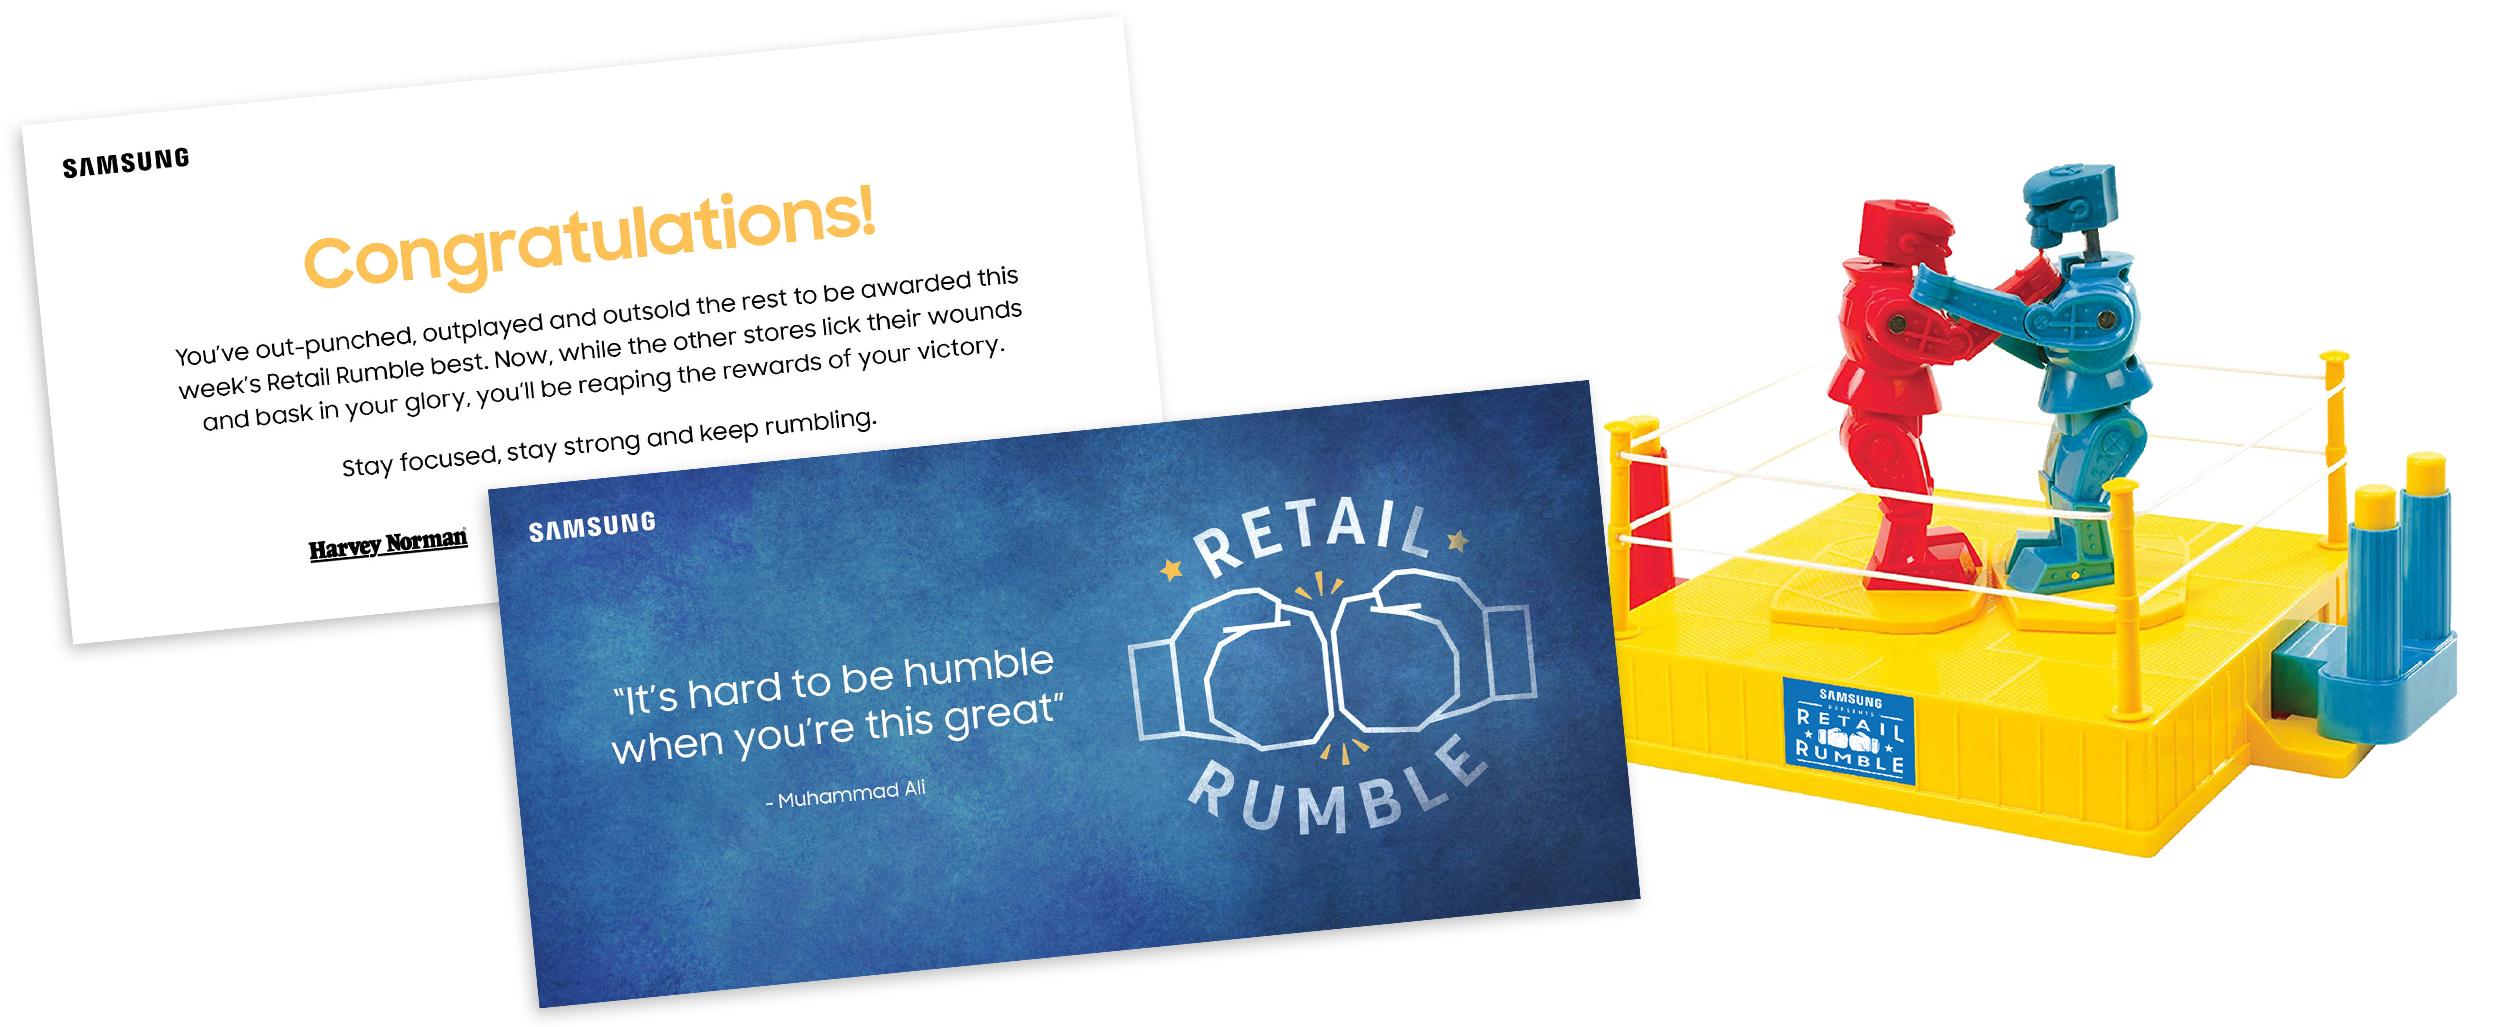 003592 Retail Rumble Slip 02.jpg